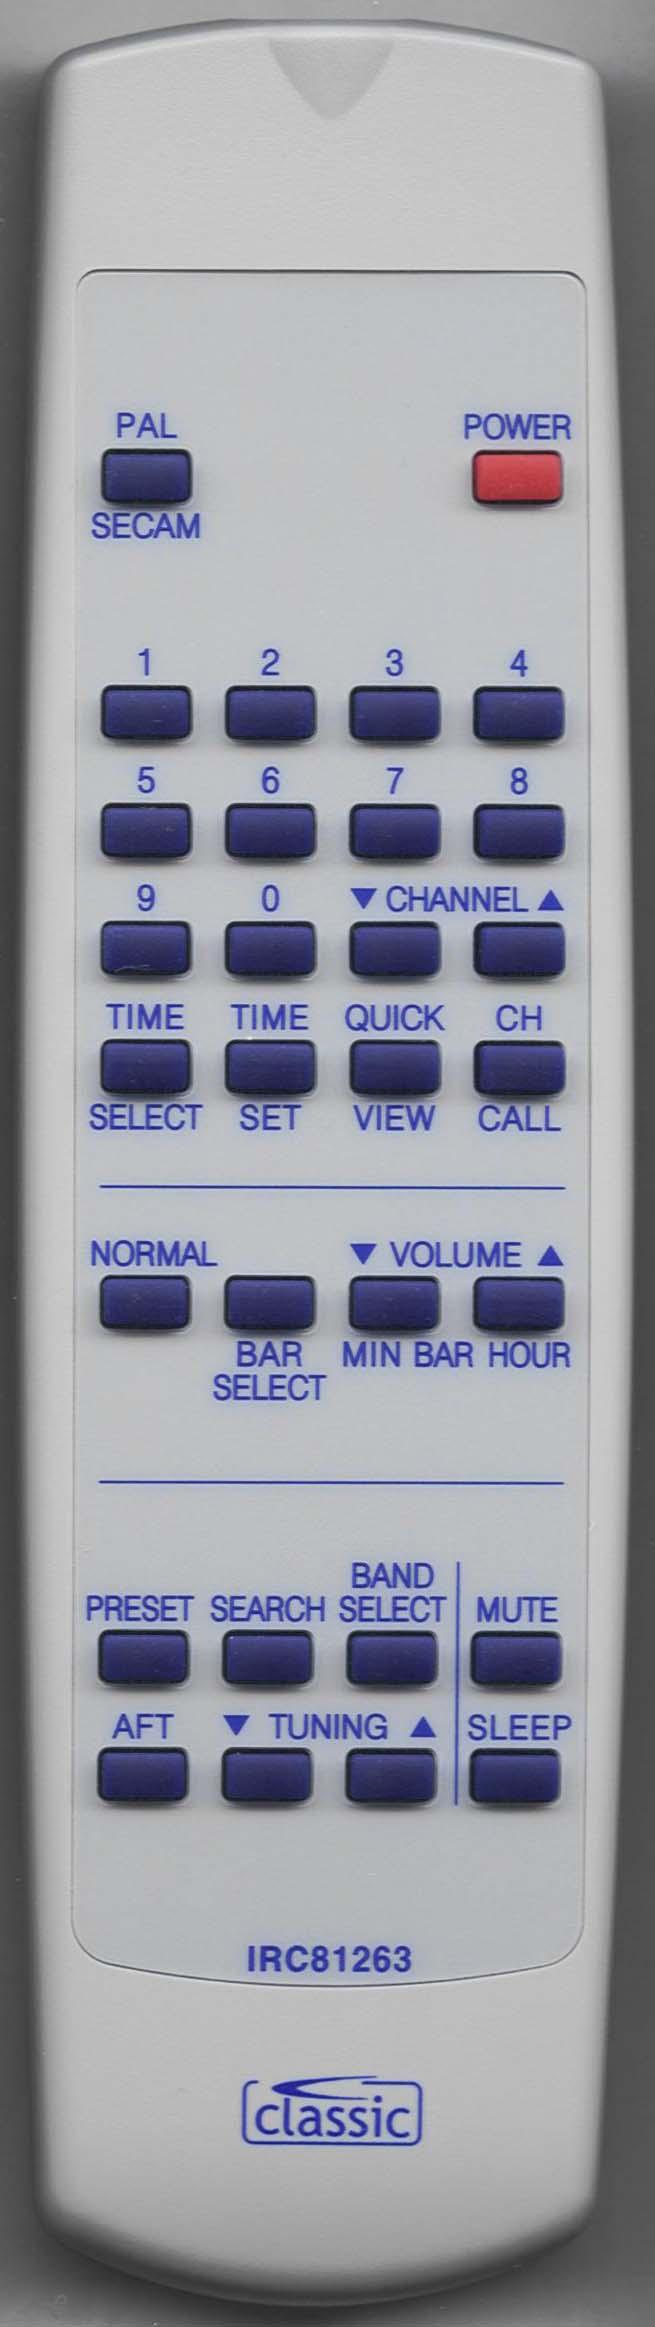 MATSUI 6000ZT01 Remote Control Alternative